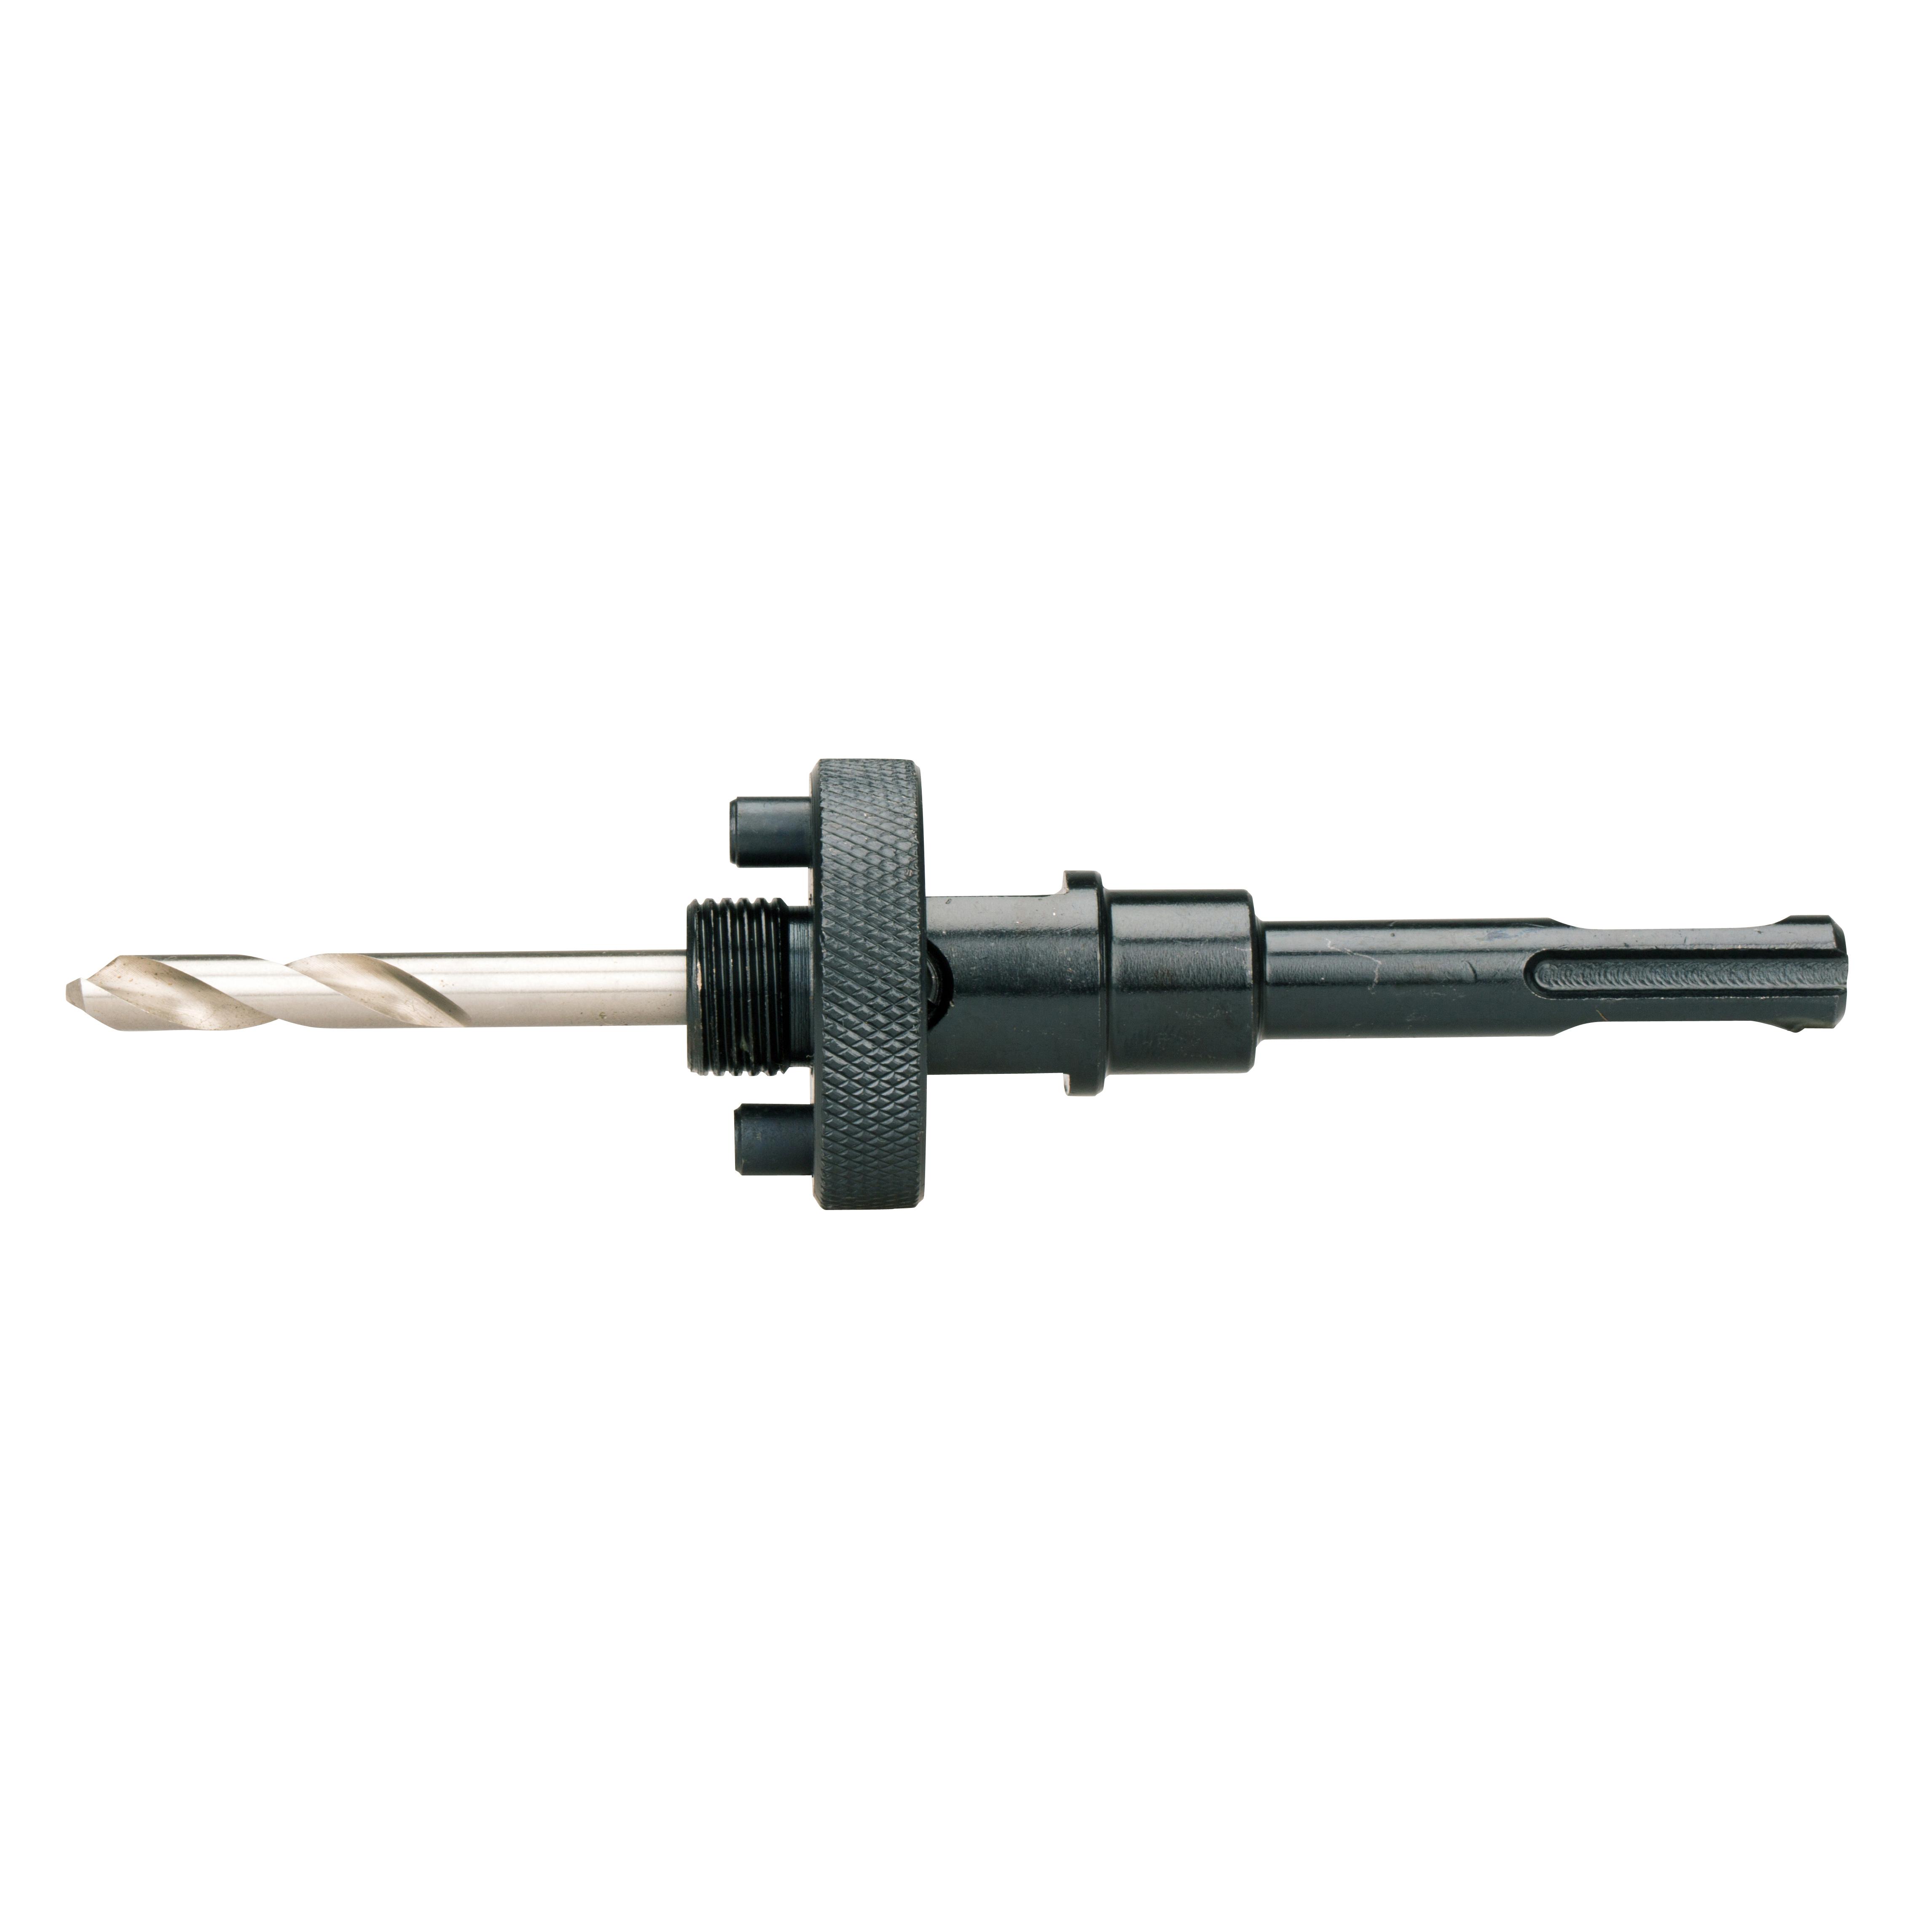 1 Stk SDS Plus Aufnahmeschaft für Zylindersägen 32-210mm GI63206061